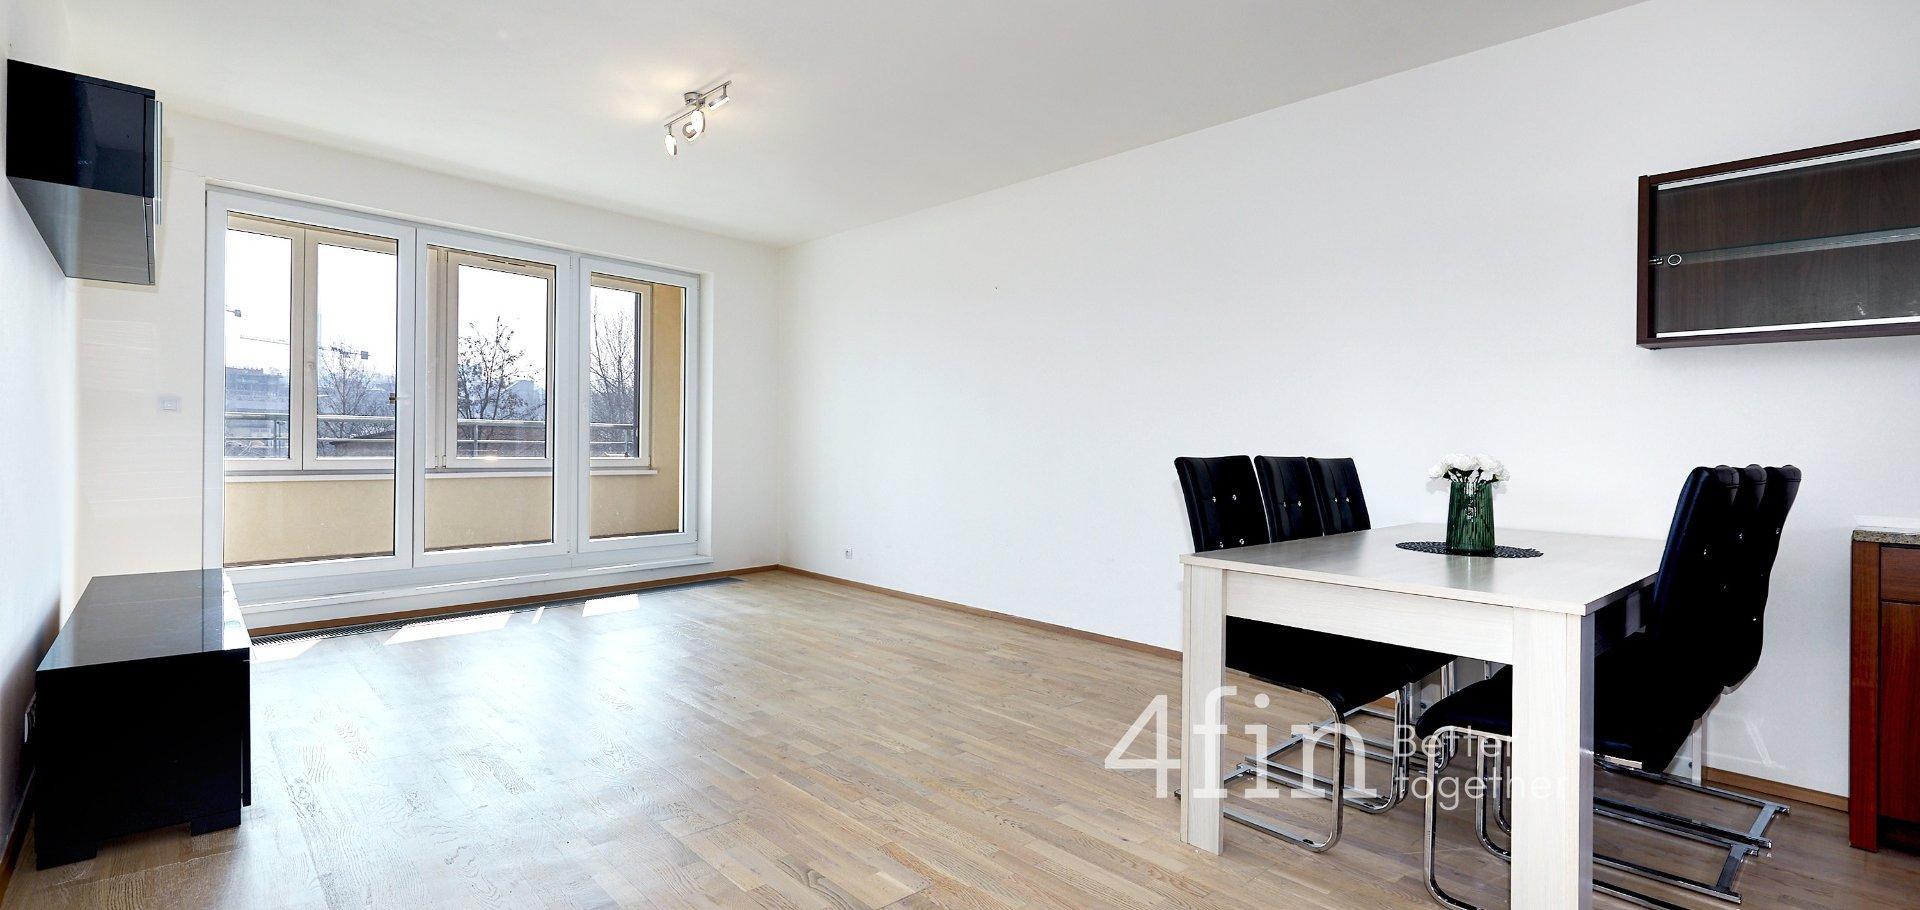 Pronájem bytu se zimní zahradou 4+kk, 122m², Praha - Holešovice